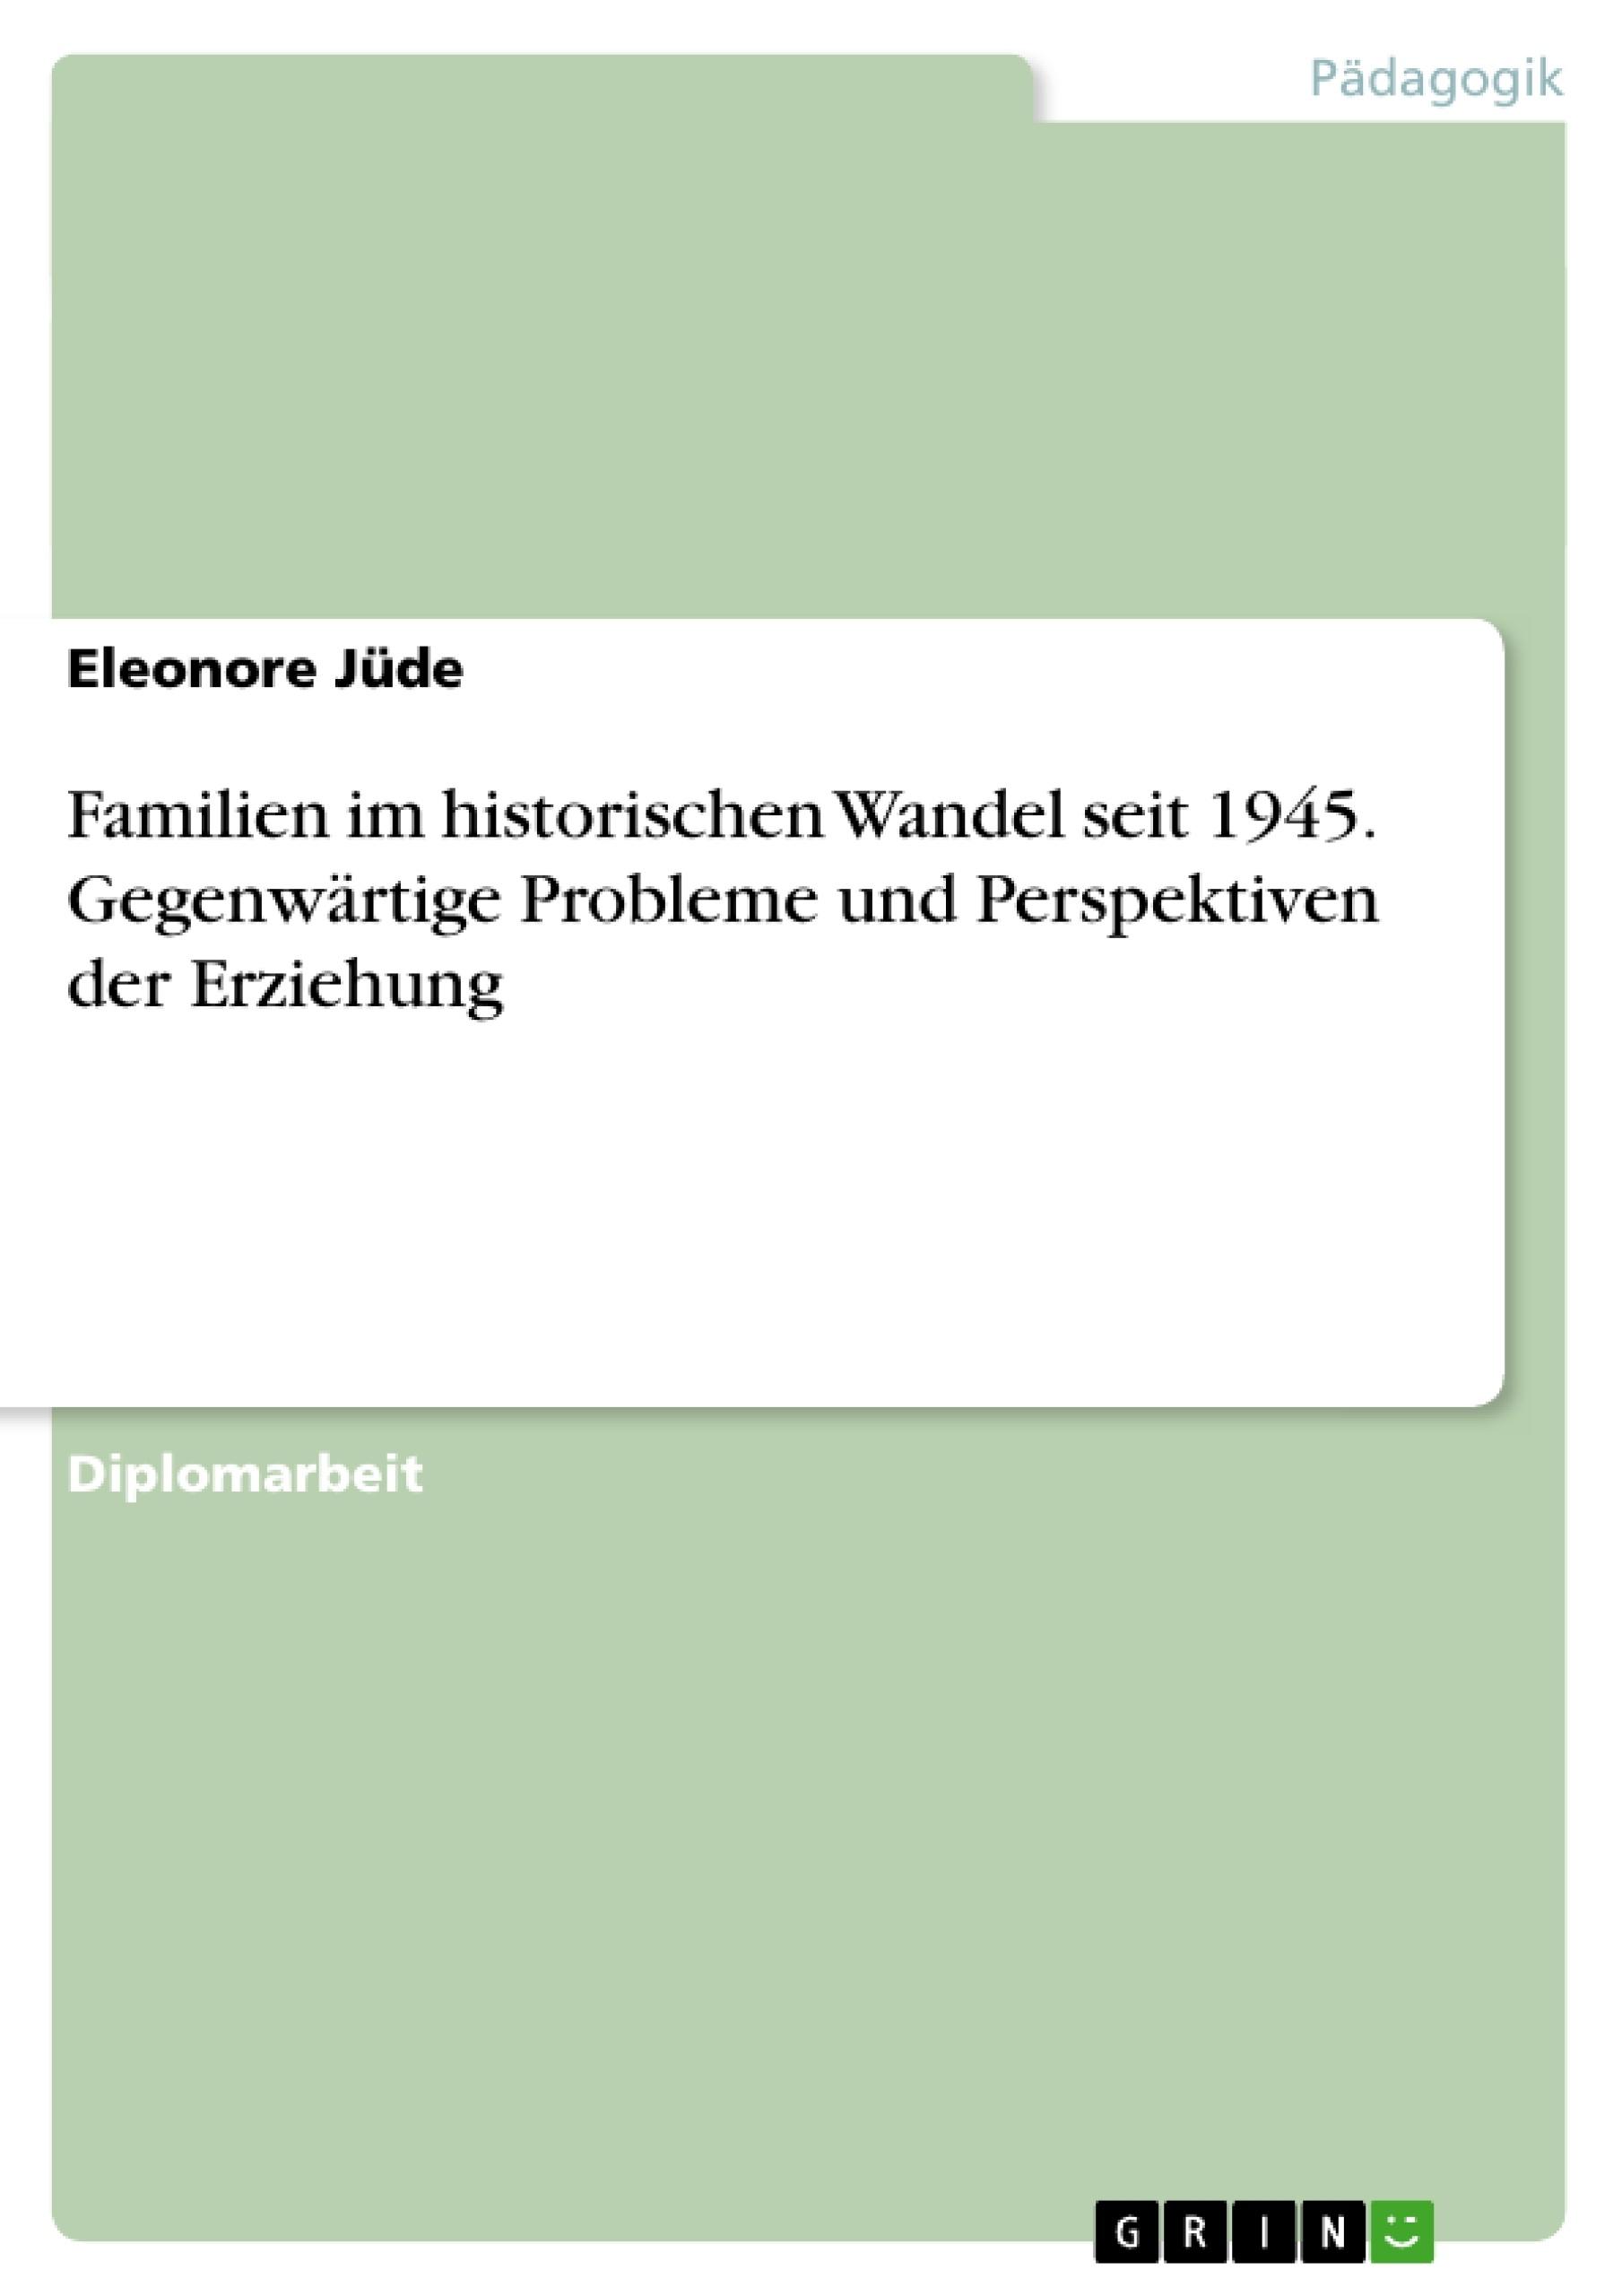 Großzügig Fortsetzen Format Objektiv Probe Galerie - Entry Level ...